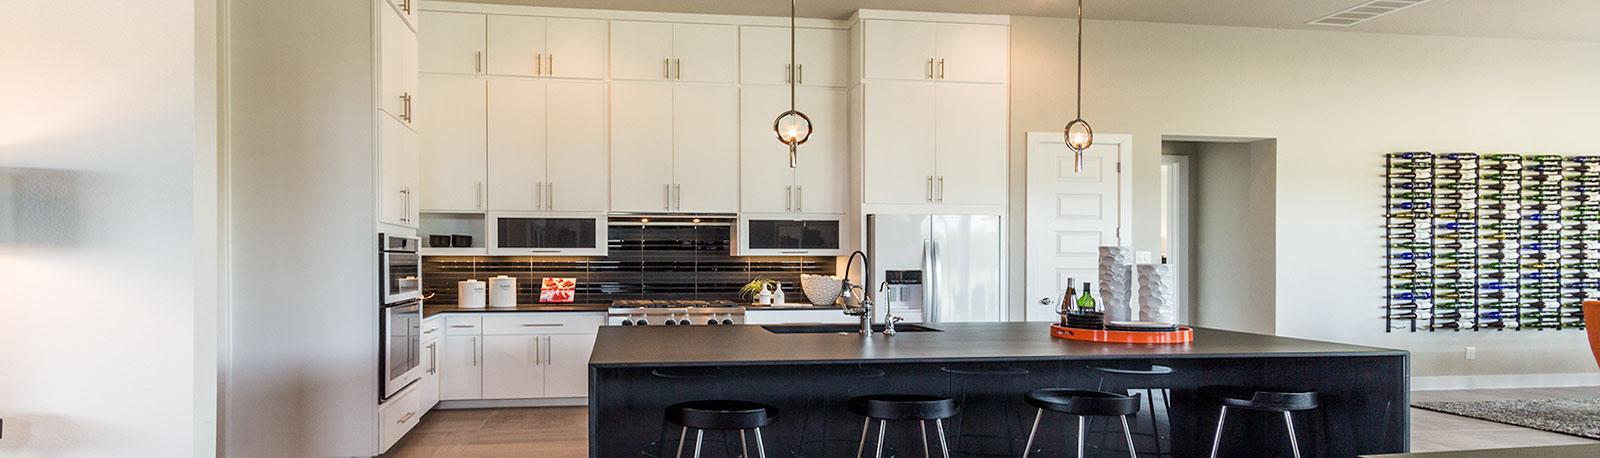 kitchen-full-overlay-SoCo-frab-banner